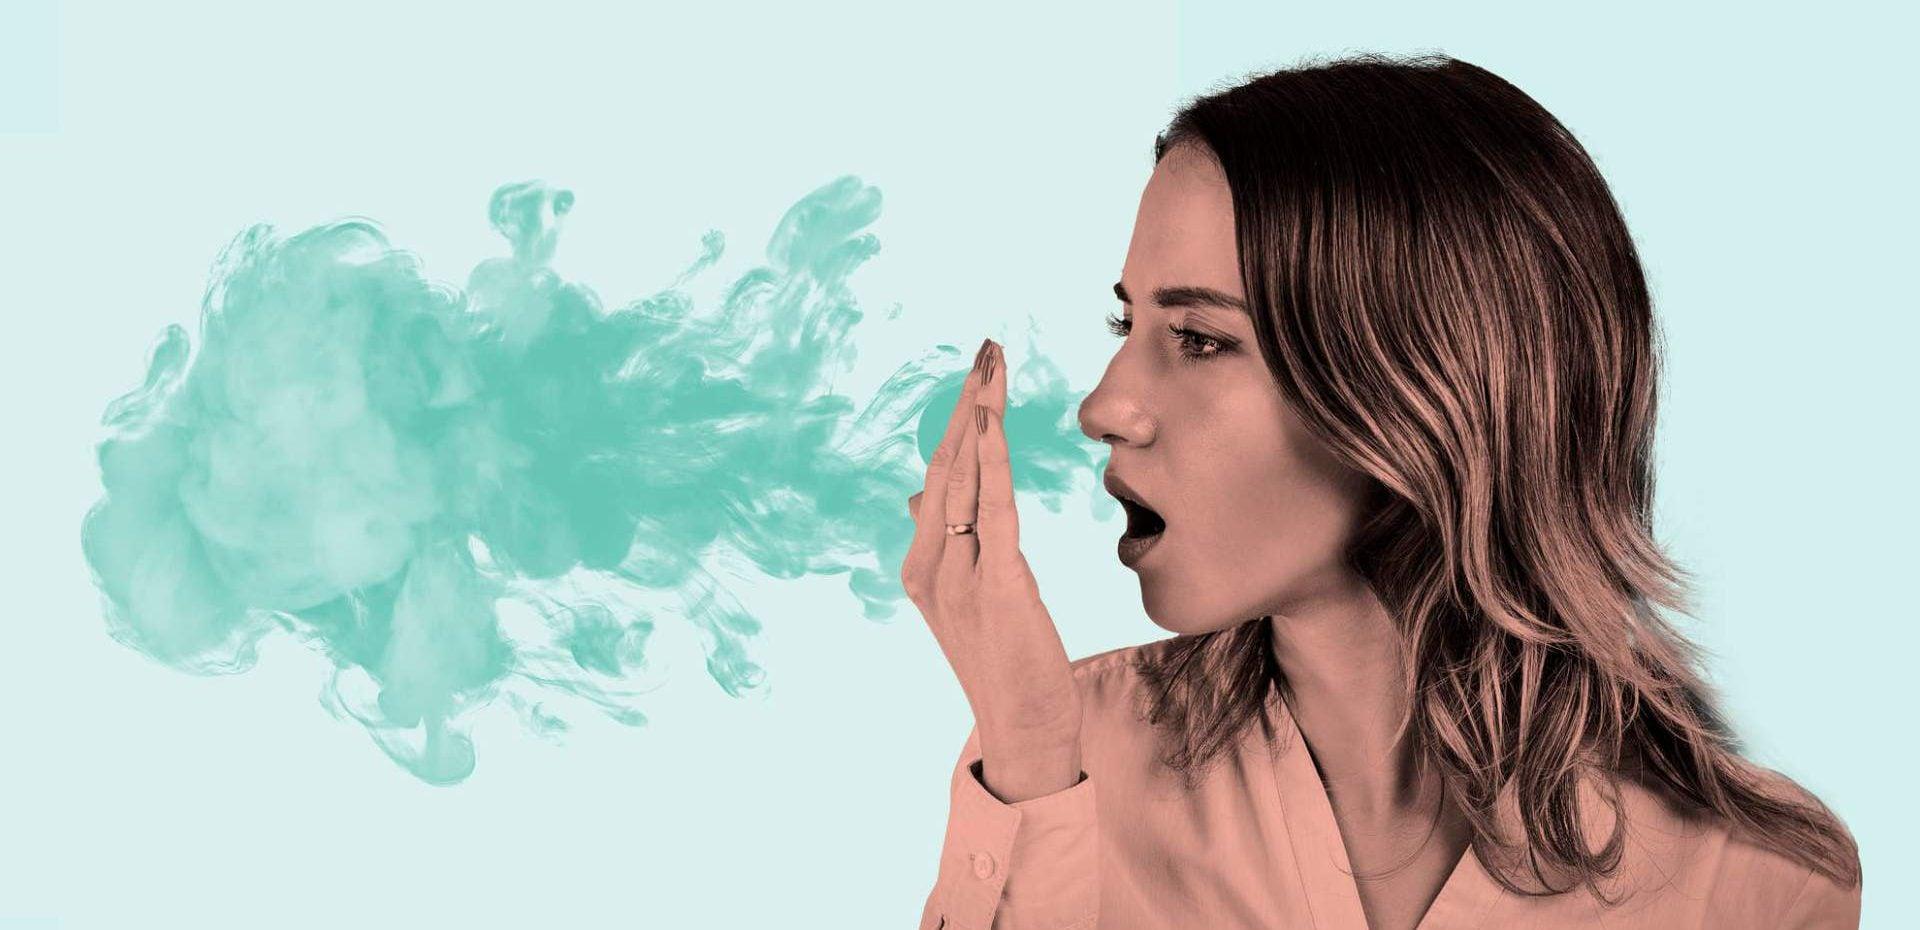 راهکارهایی  ساده برای از بین بردن بوی بد دهان